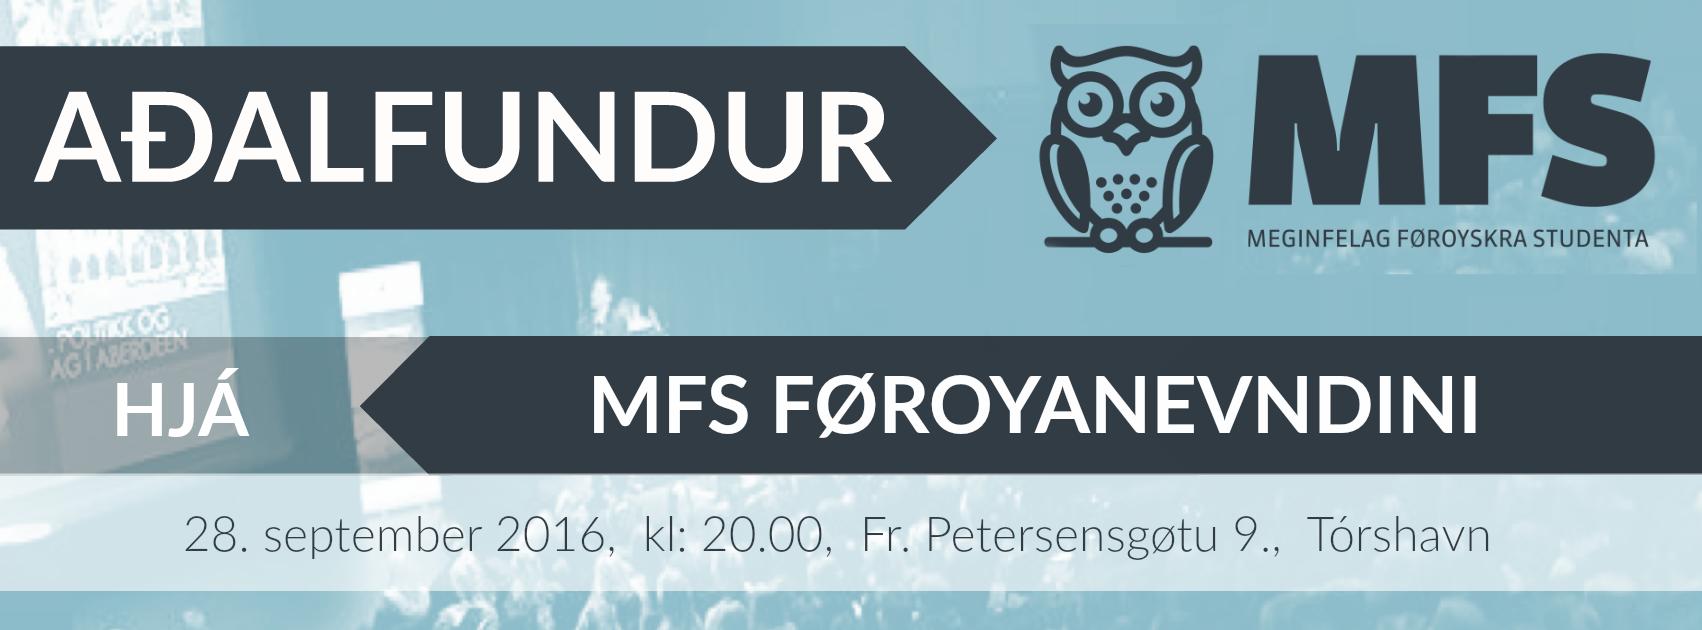 MFS_aðalfundur_fb_cover_2016.png